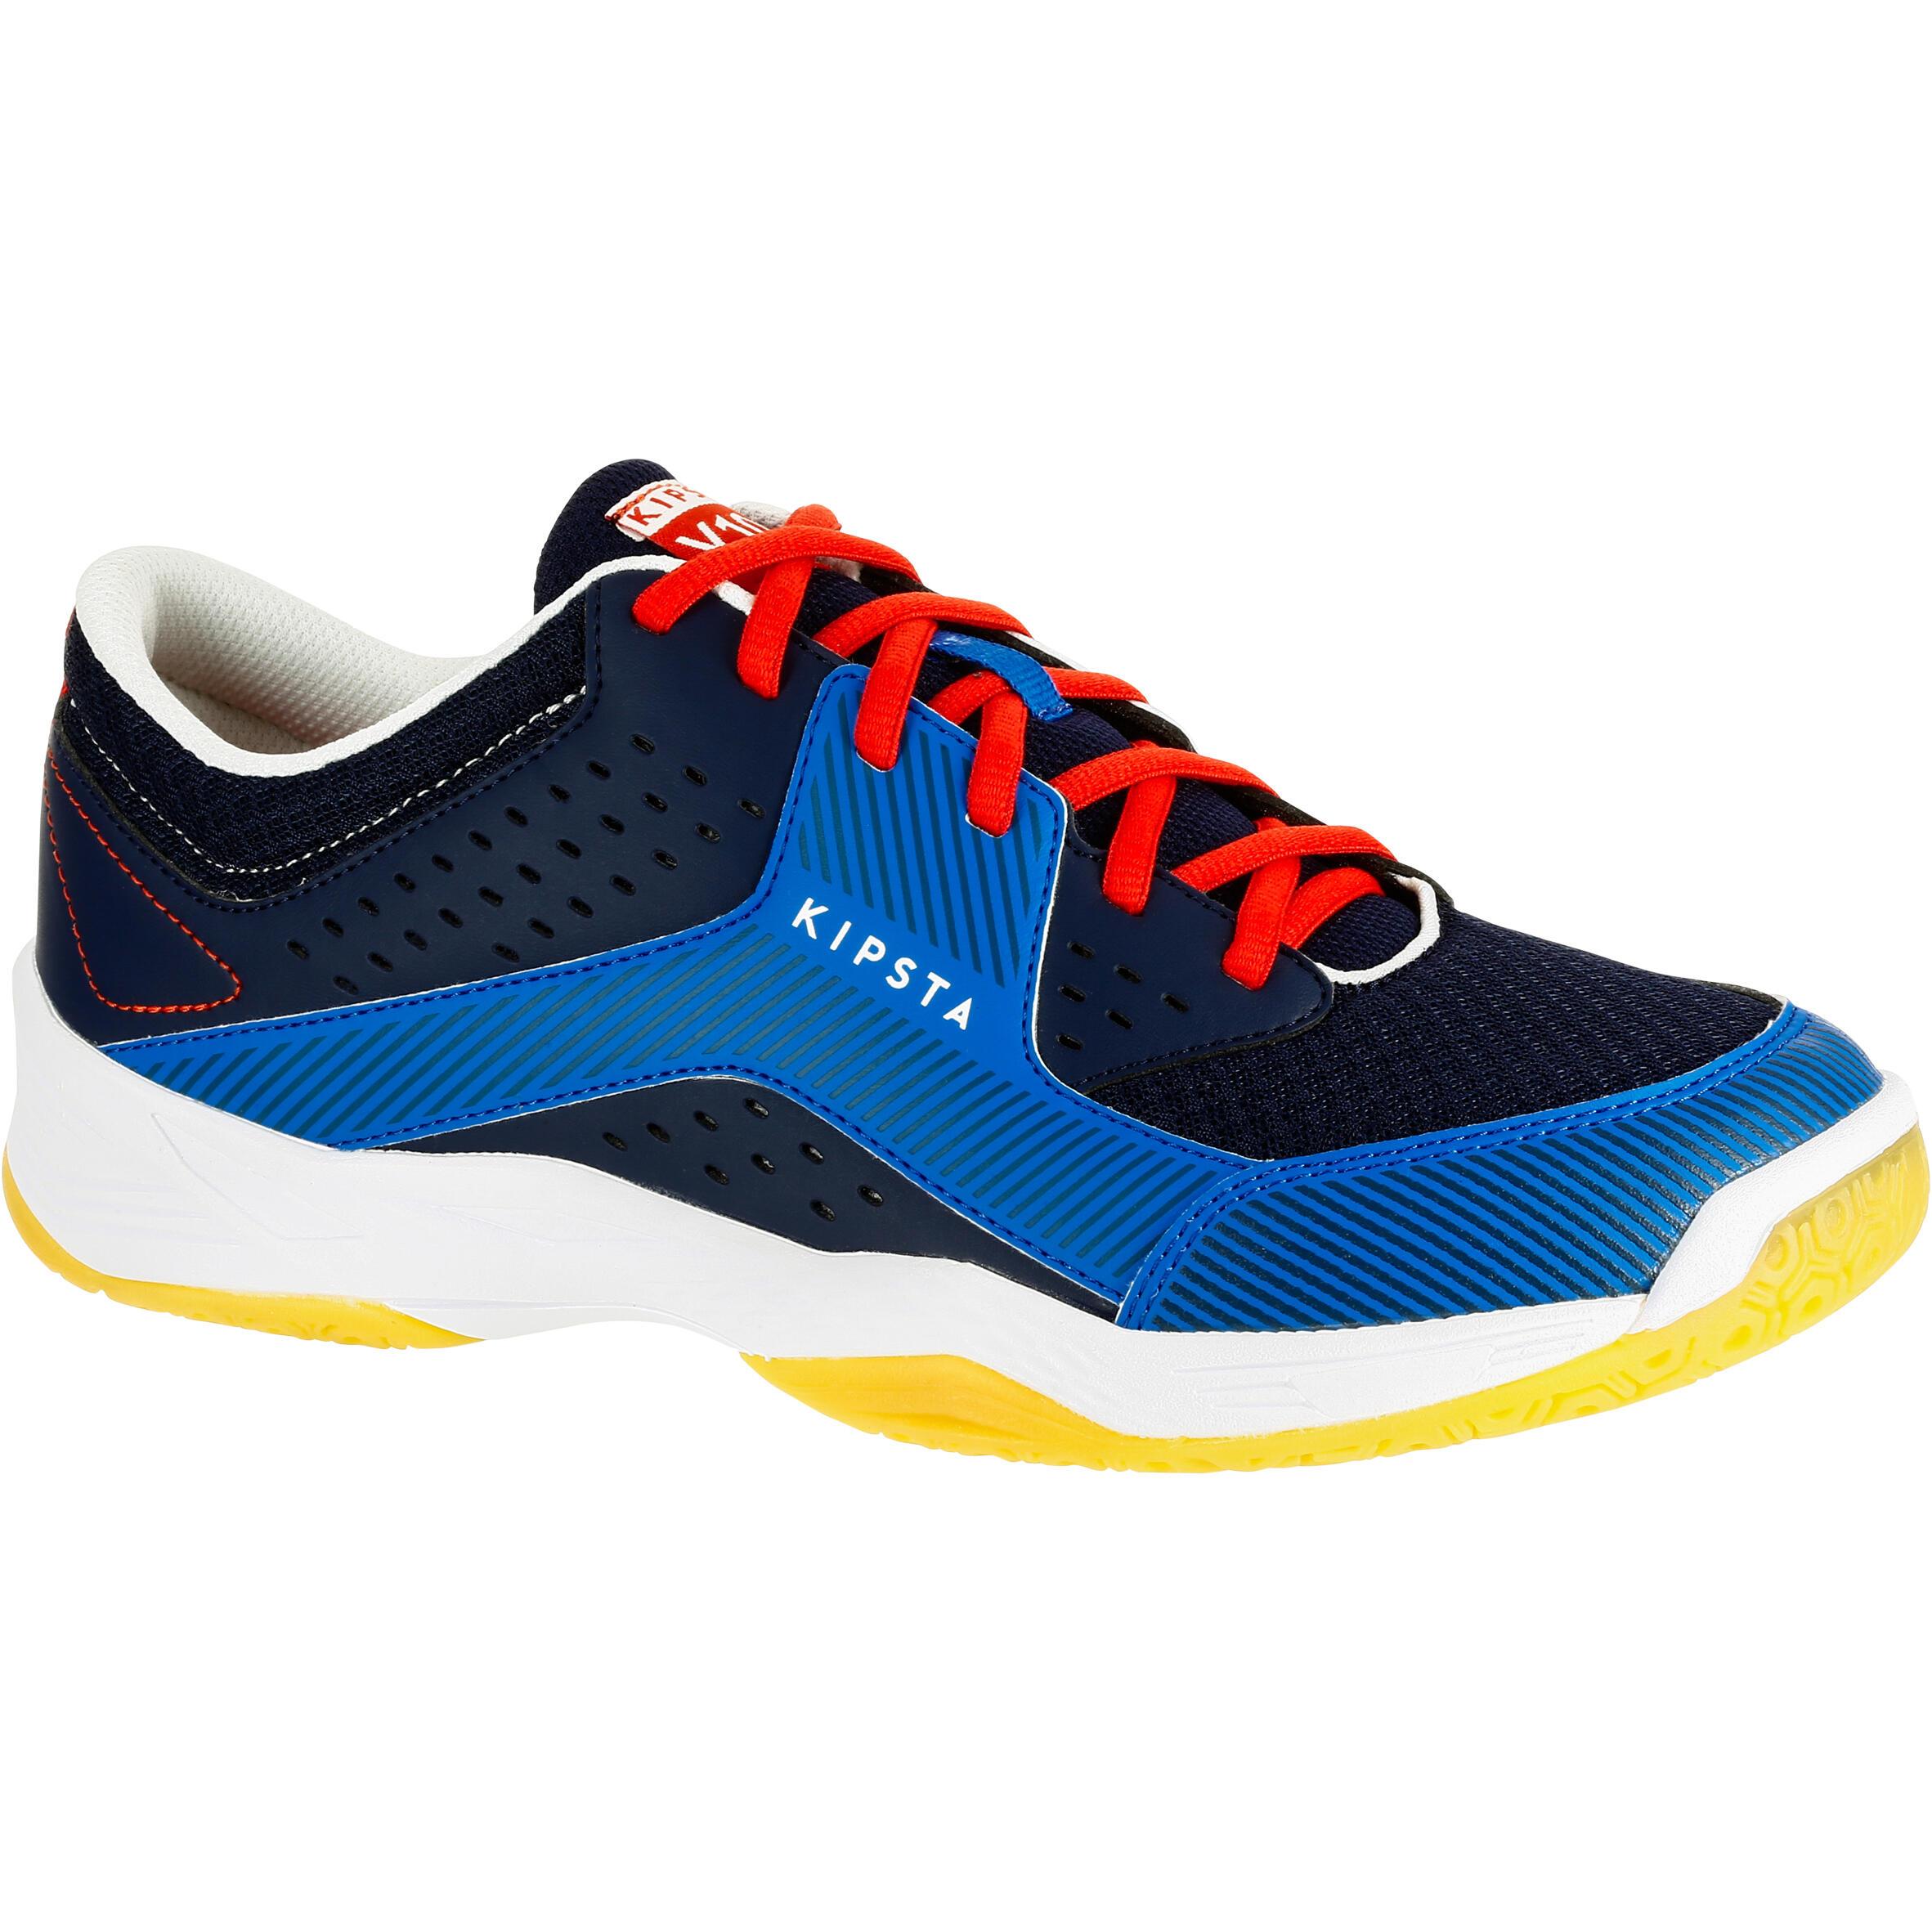 2413672 Kipsta Volleybalschoenen V100 voor volwassenen